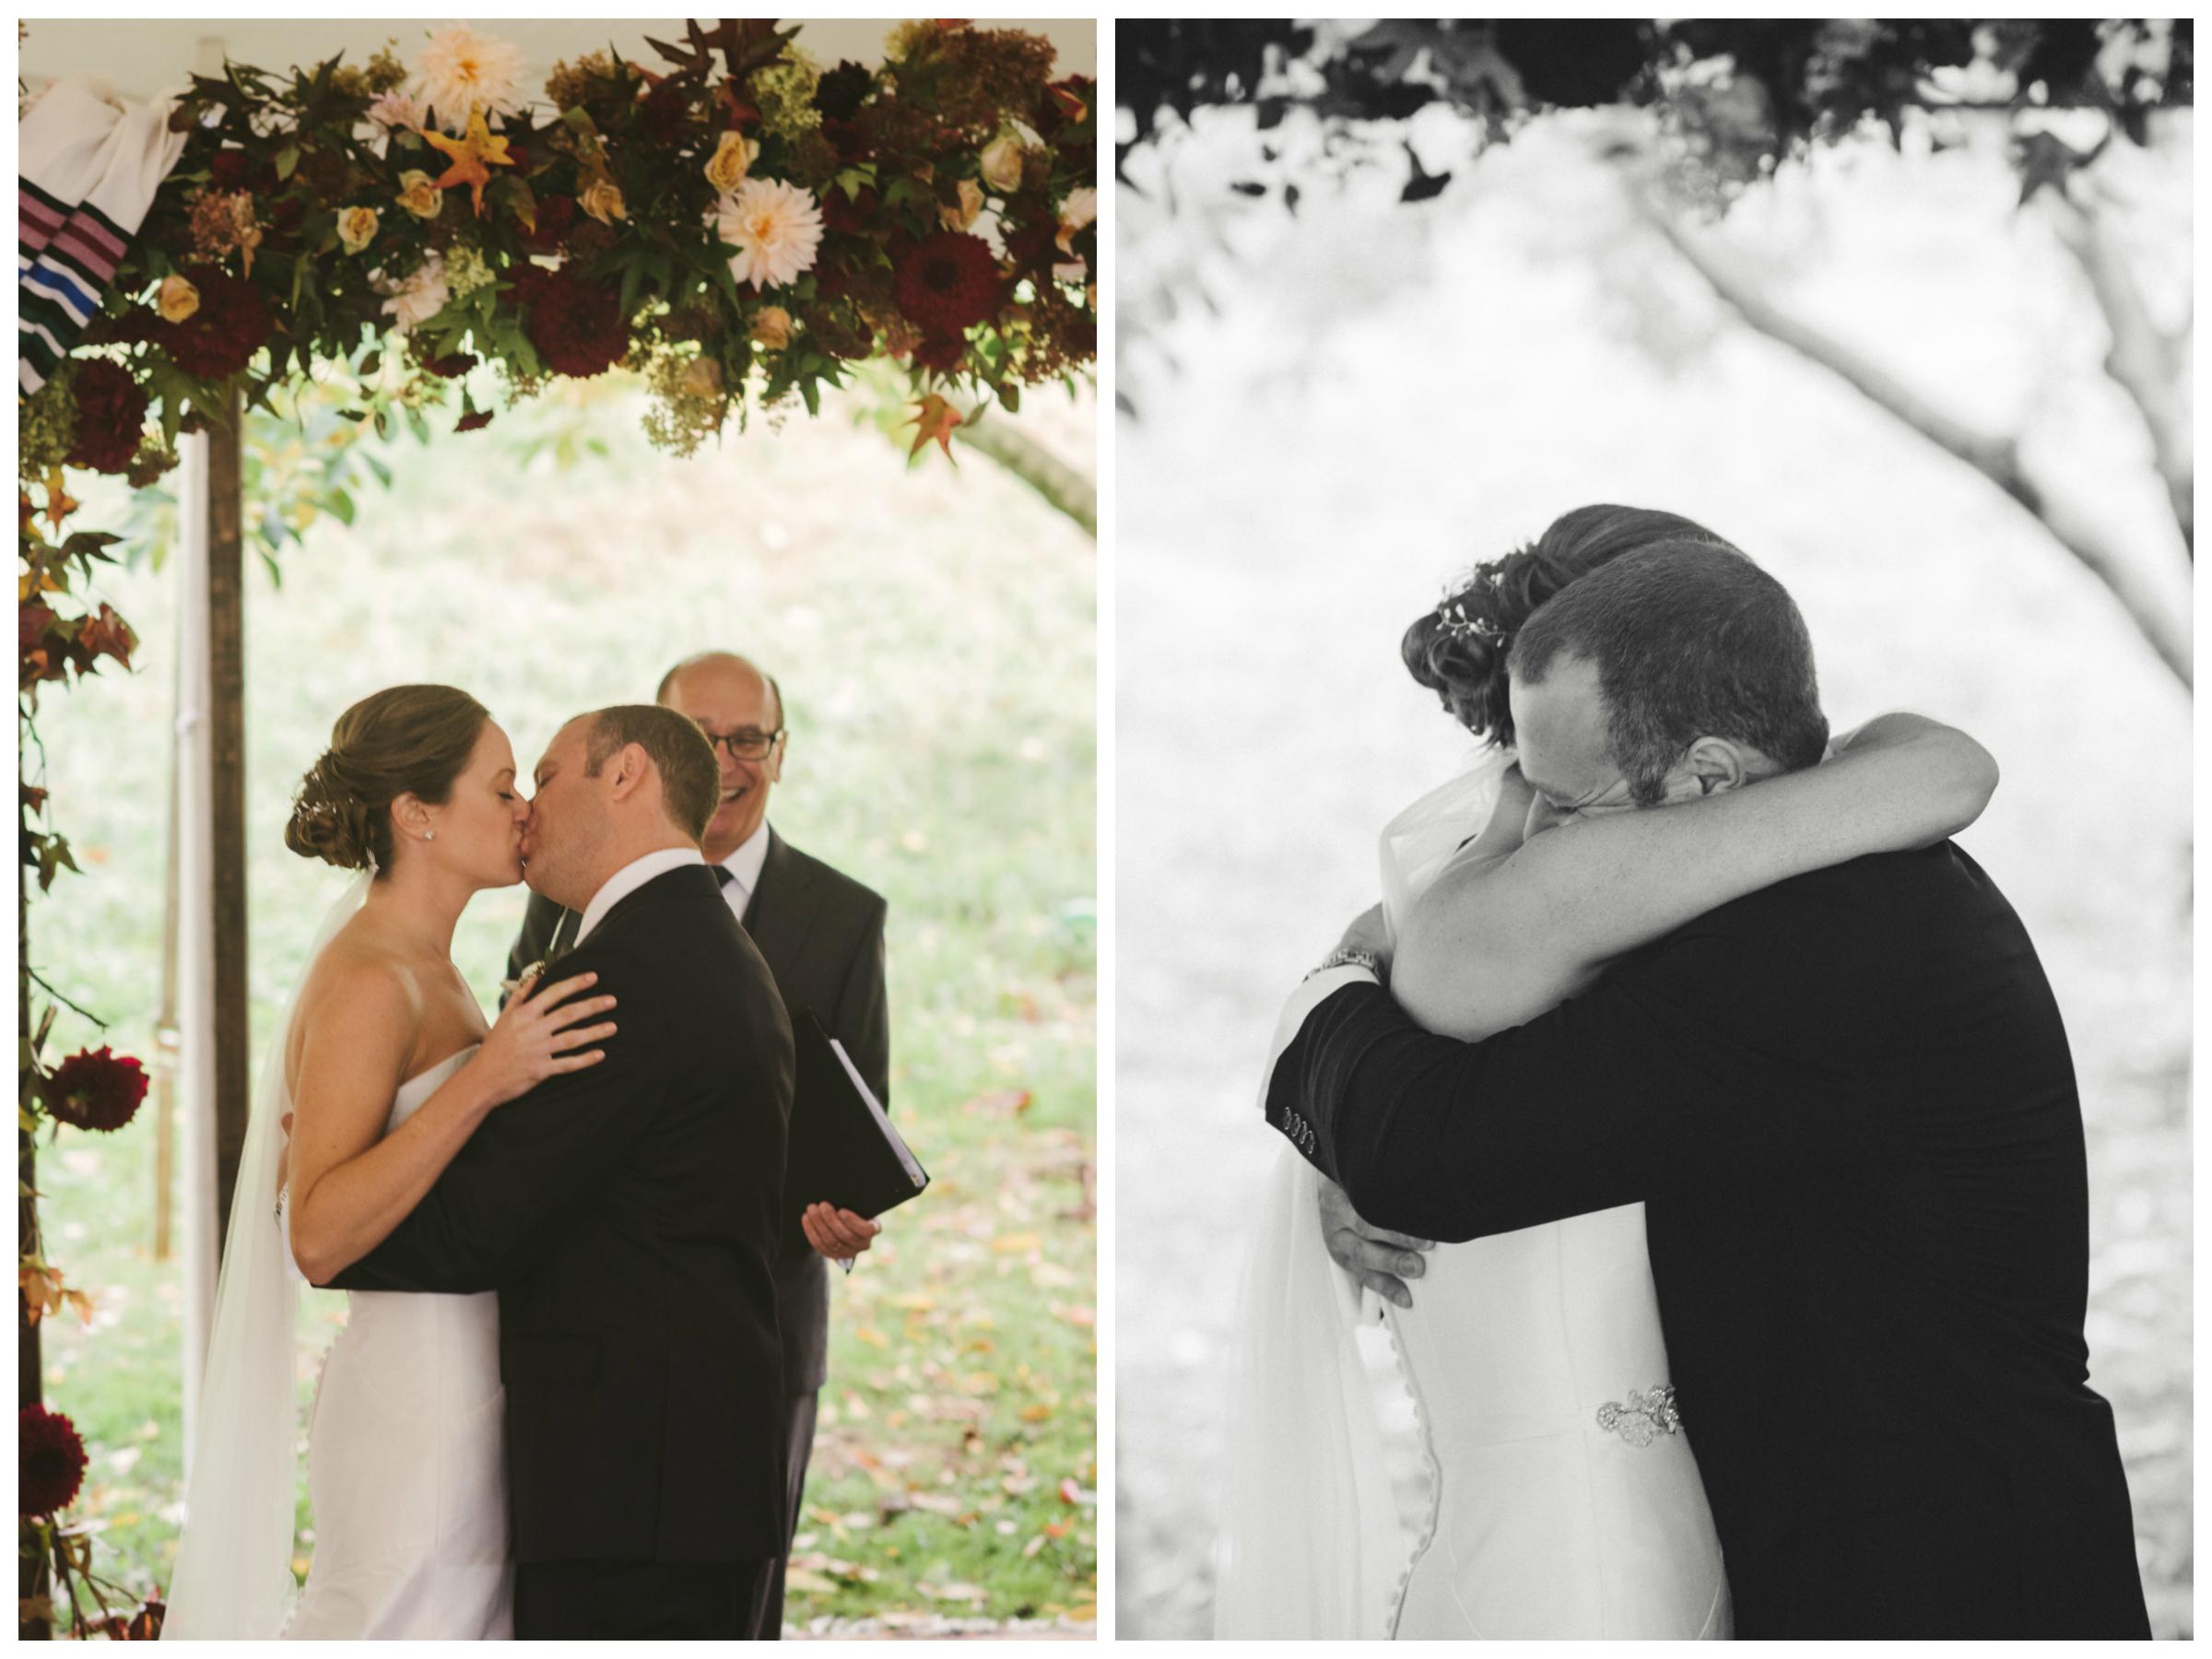 BROOKMILL FARM FALL WEDDING - TWOTWENTY by CHI-CHI AGBIM - PIC STITCH 8.jpg